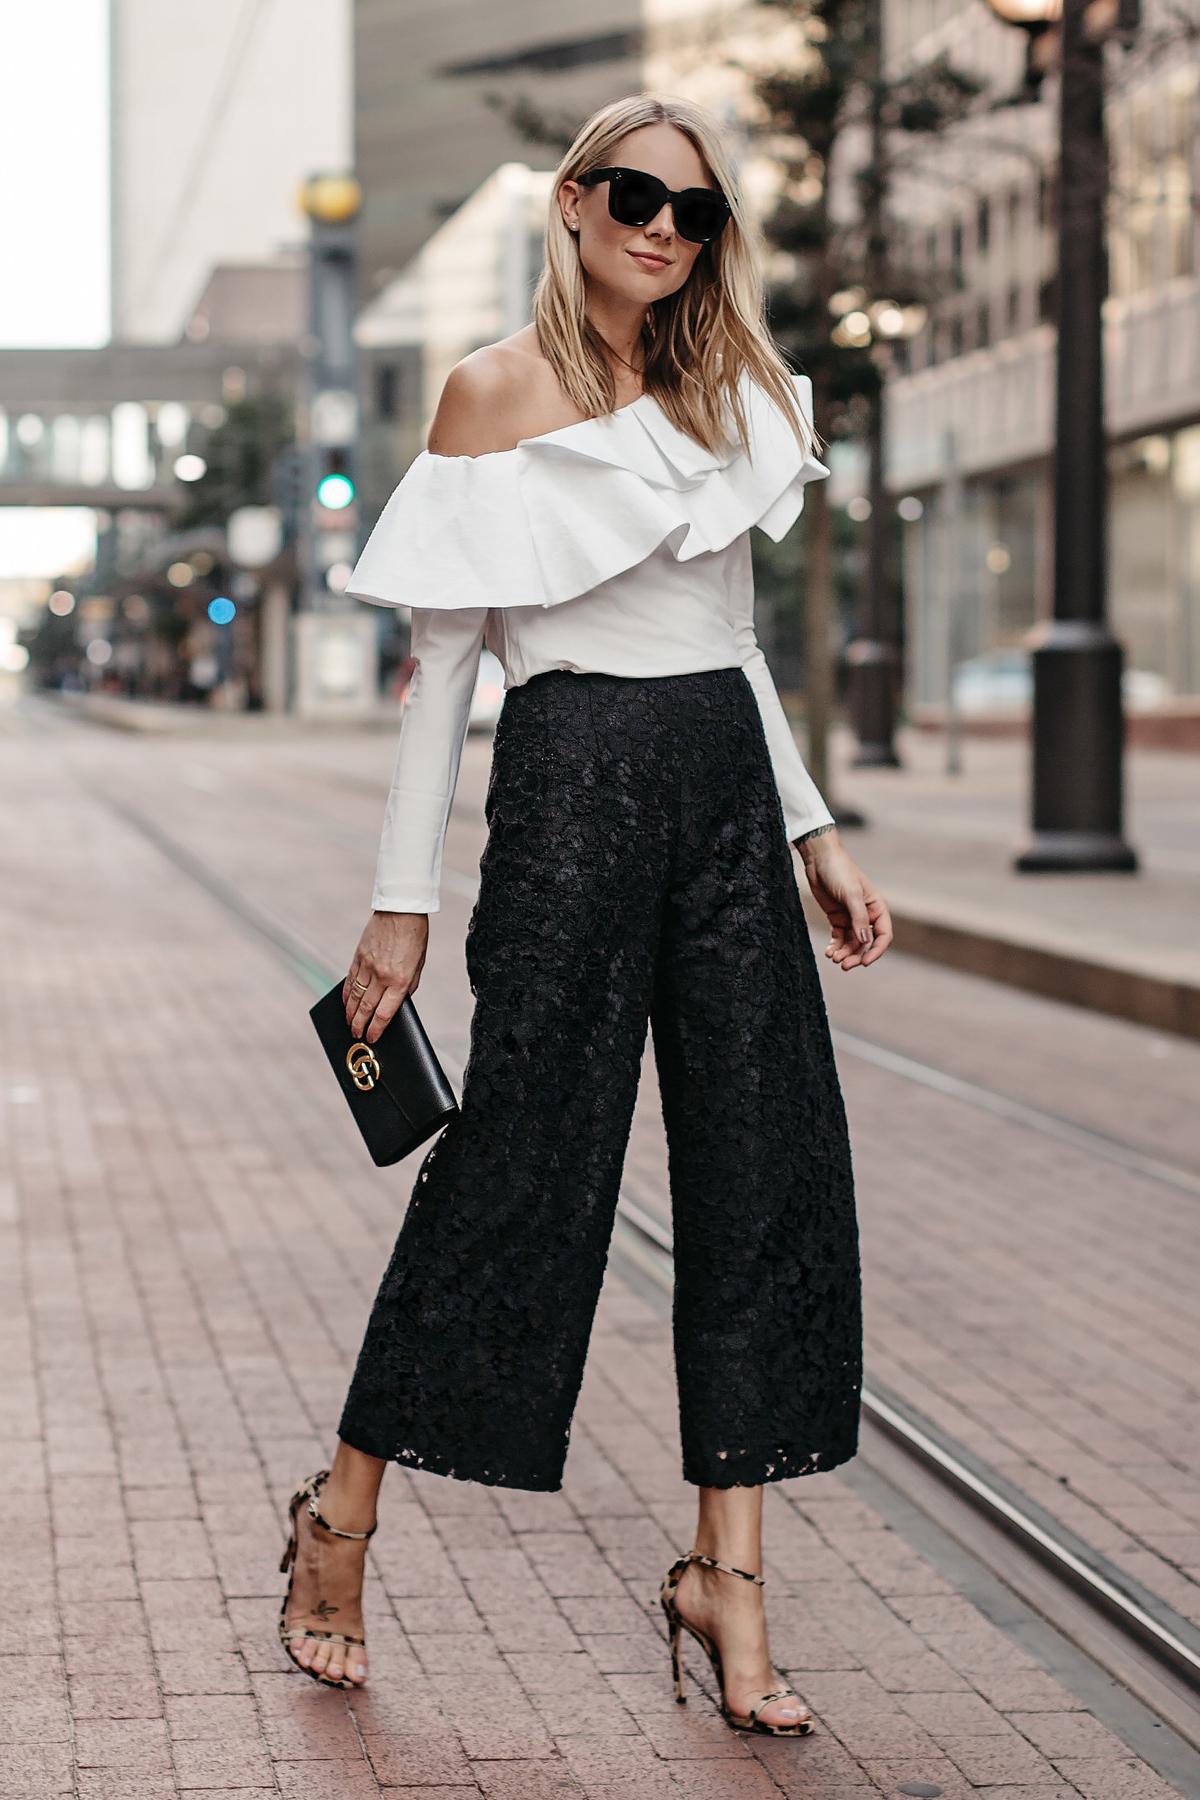 fashion jackson mặc áo lệch vai nhún bèo quần culottes ren